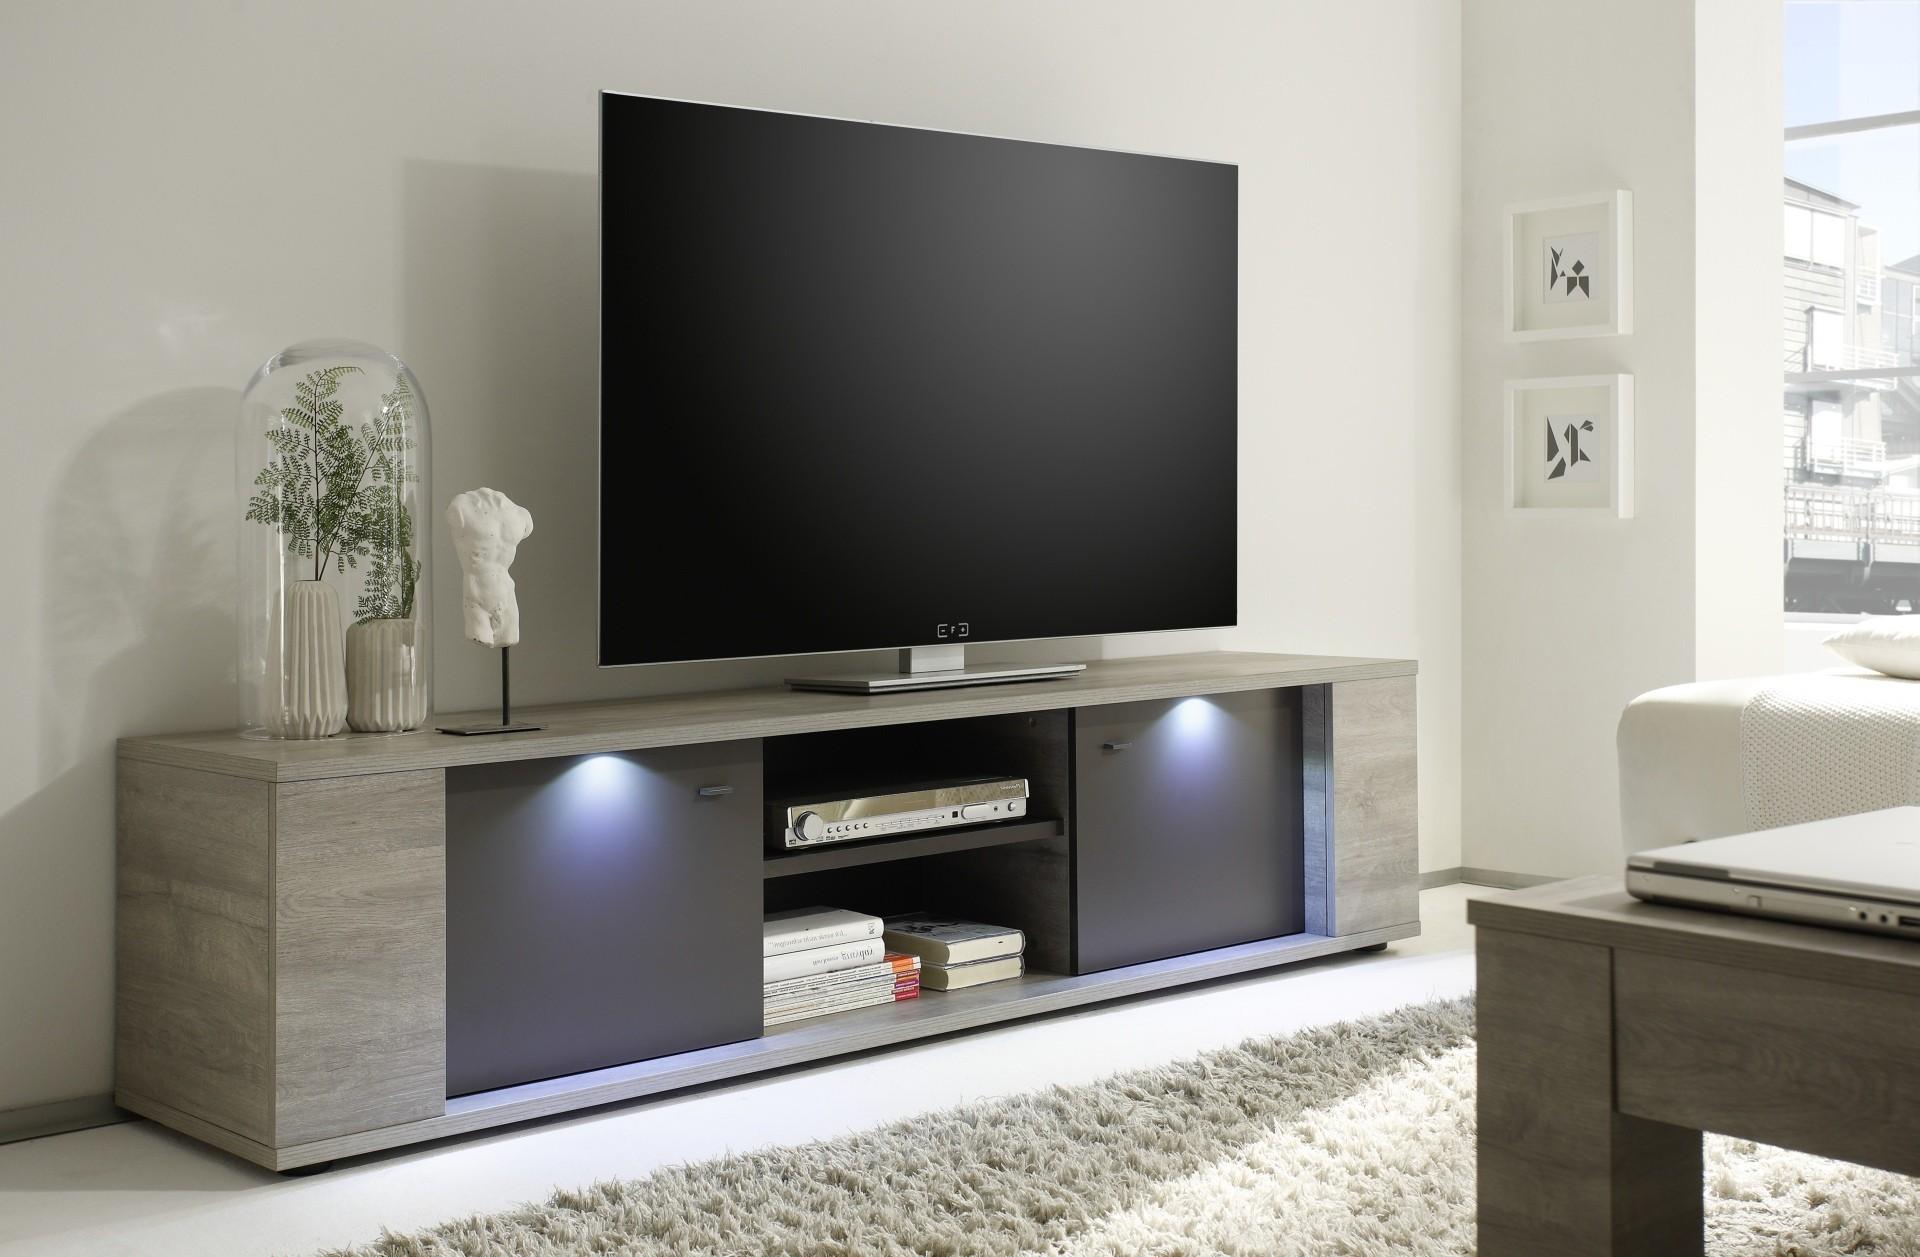 Mobili Per Tv Moderni: Illuminazione per salotto casanova porta tv ...